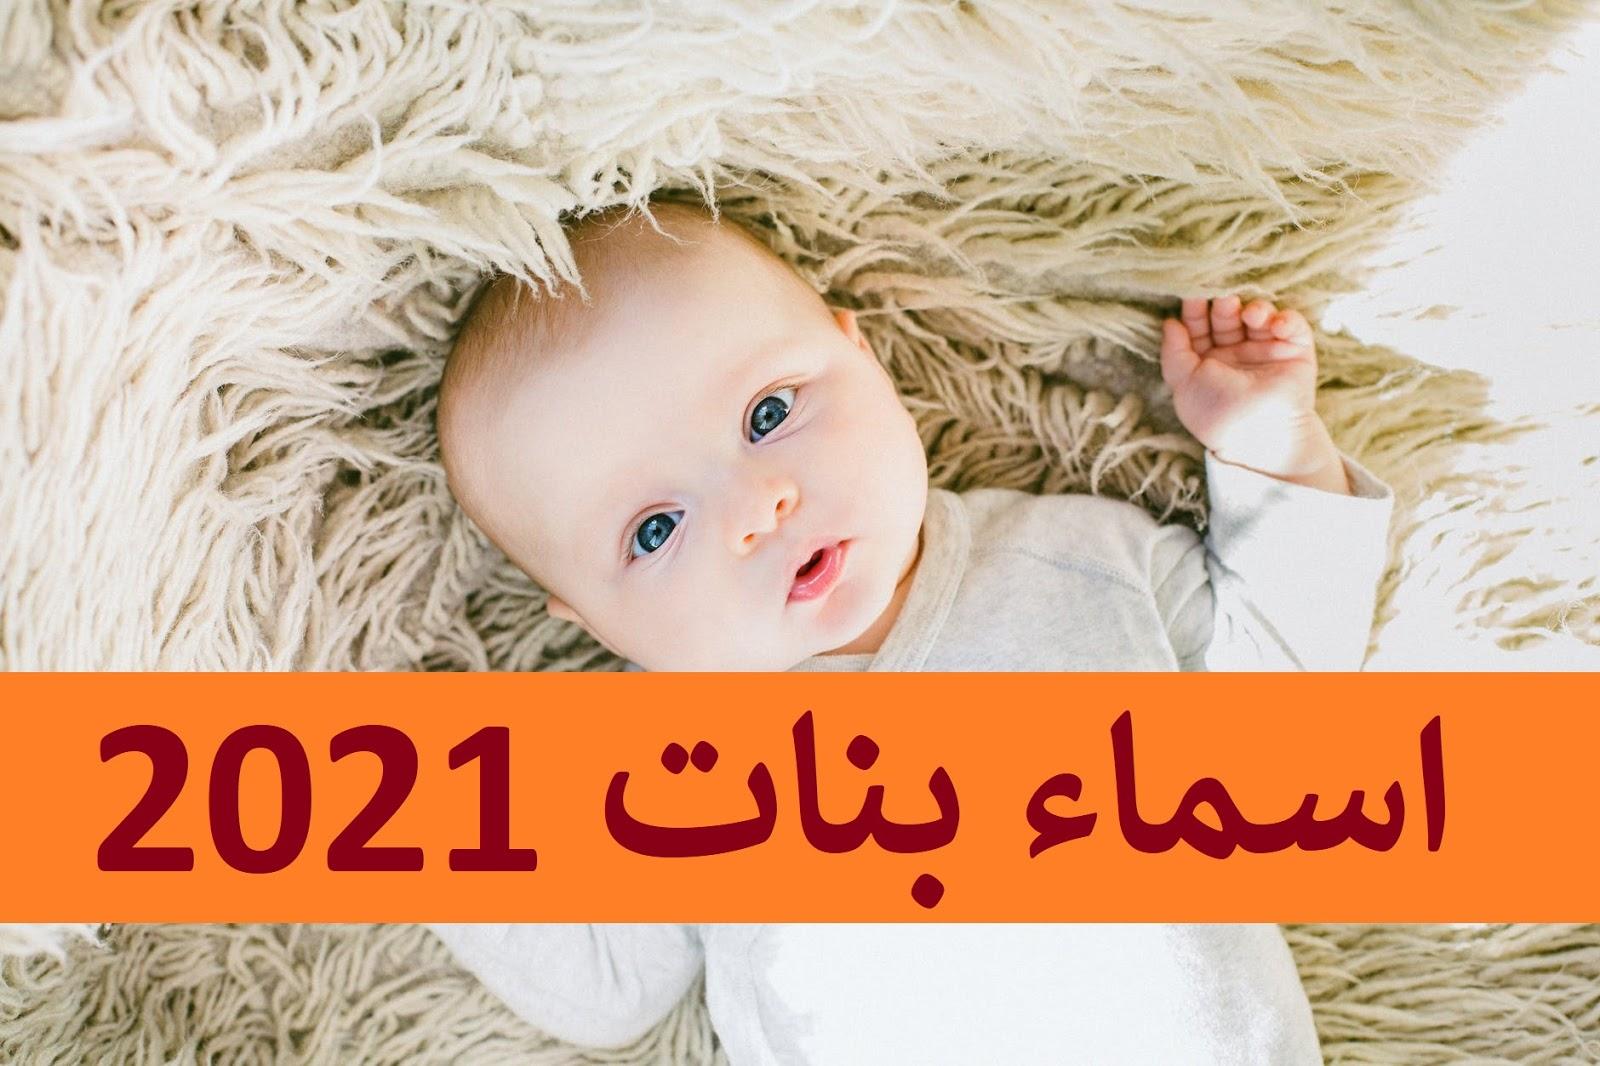 اسماء بنات 2021 فخمة ونادرة اجمل اسماء بنات جديدة وحلوه جميع الحروف